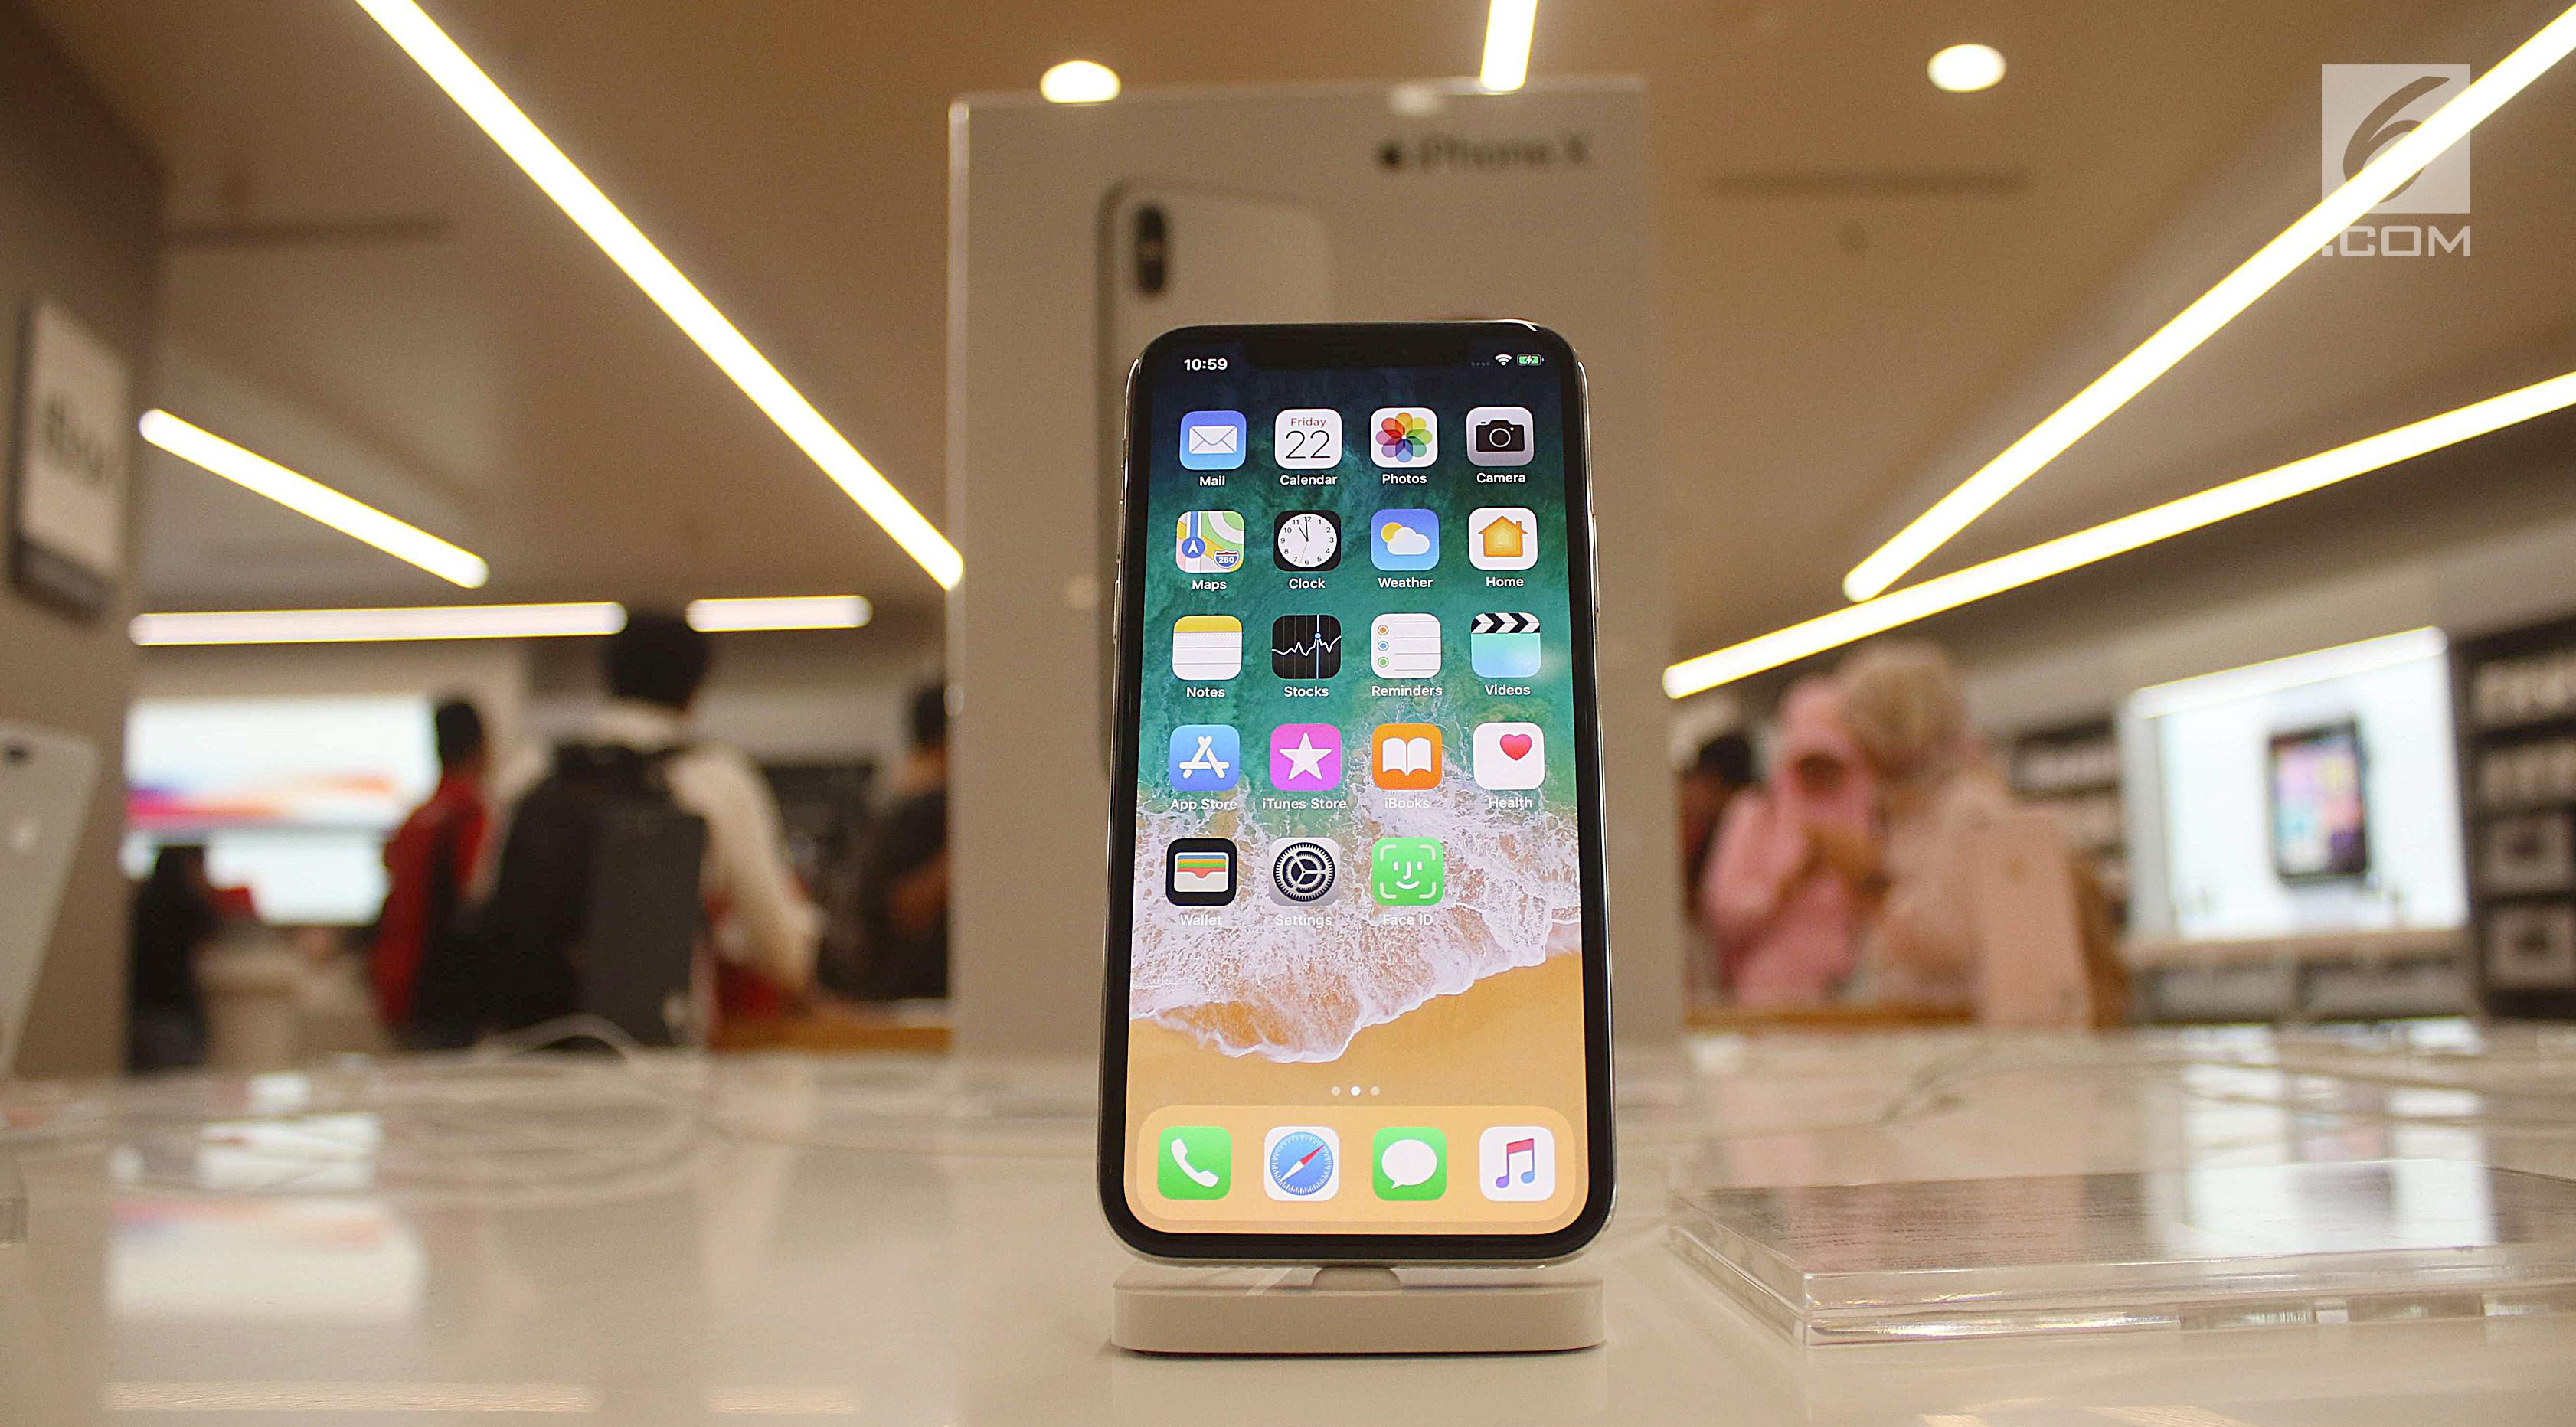 Sebuah iPhone X terbaru dipajang di gerai iBox, Central Park, Jakarta, Jumat (22/12). iPhone 8, iPhone 8 Plus, dan iPhone X dijual dengan harga 15 hingga 20 juta rupiah tergantung kapasitas memori. (Liputan6.com/Angga Yuniar)